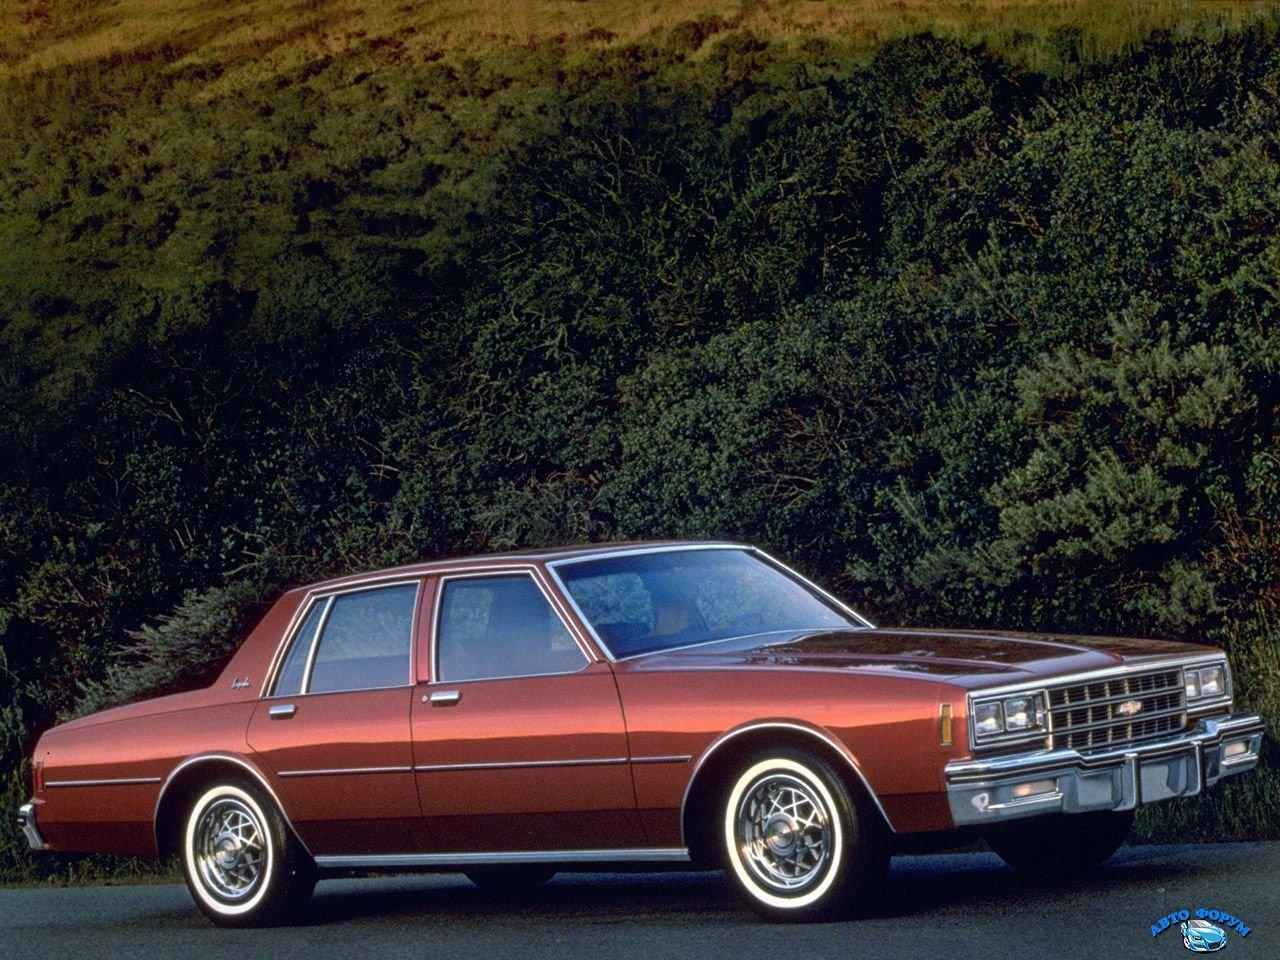 1980 Chevrolet Impala 002.jpg